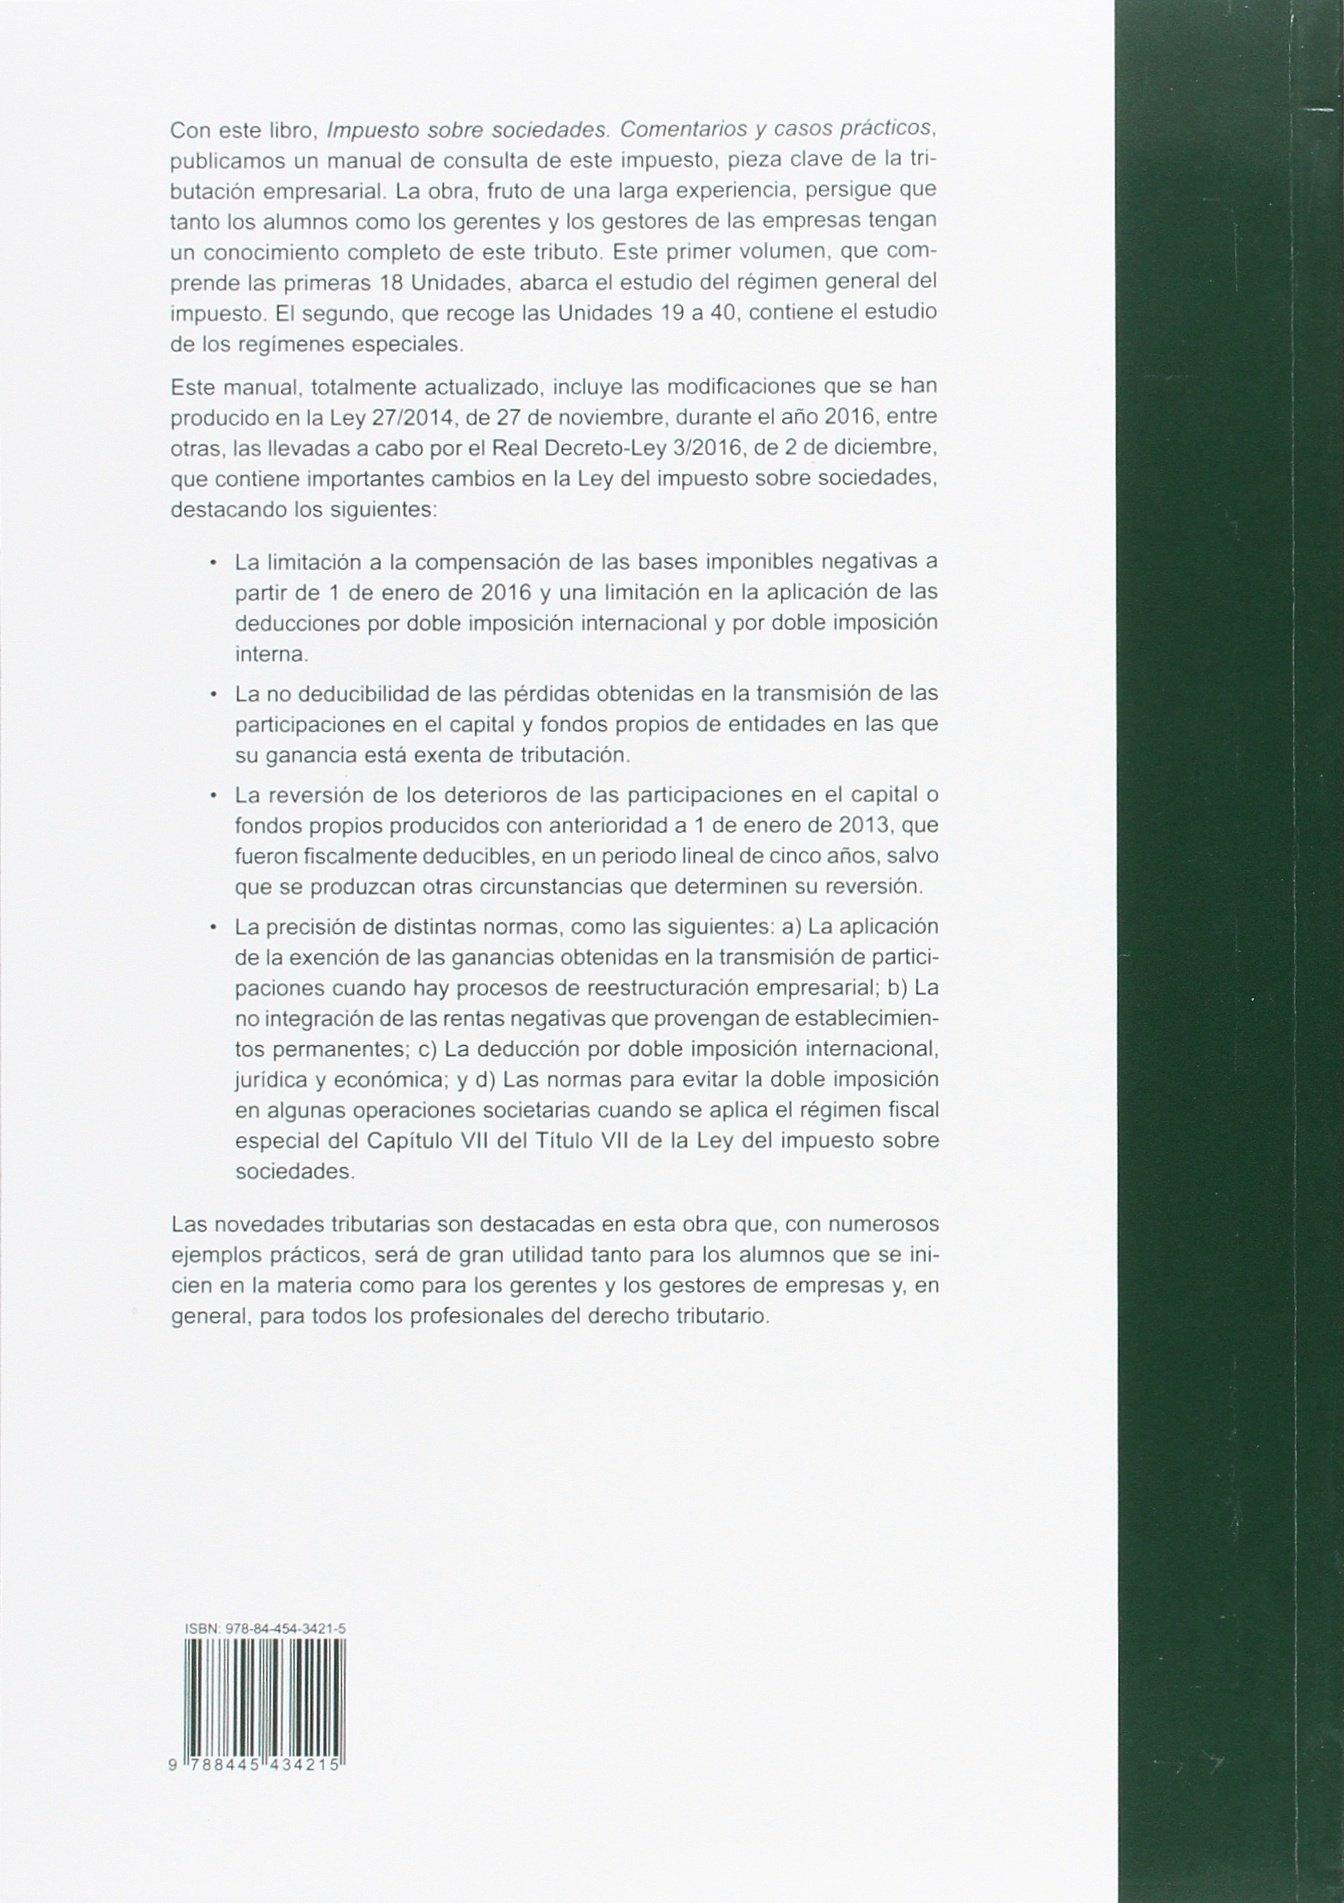 Impuesto sobre sociedades. Comentarios y casos prácticos: IMPUESTO SOBRE SOCIEDADES 1 . RÉGIMEN GENERAL. COMENTARIOS Y CASOS PRÁCTICOS.